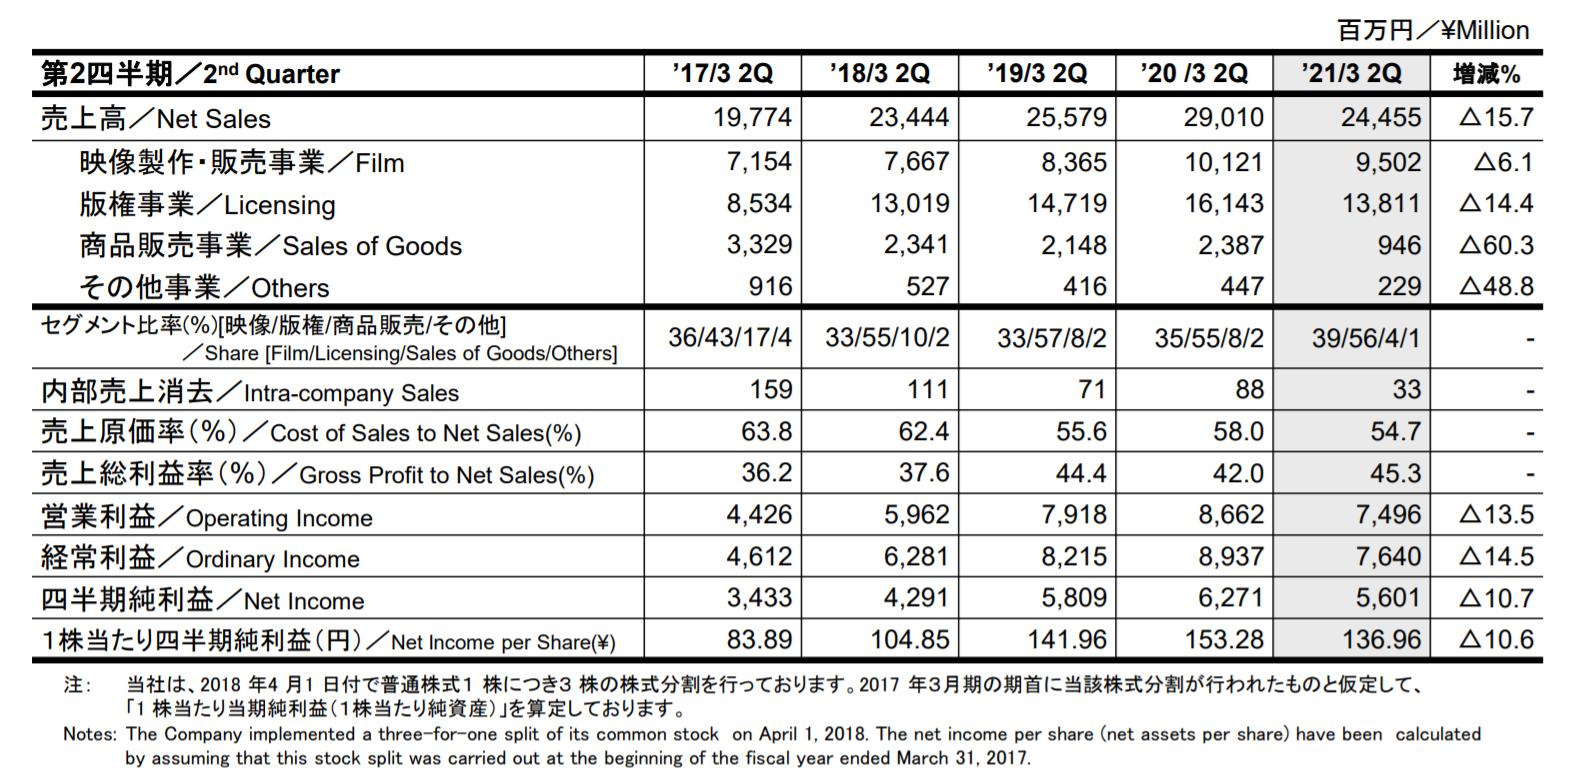 Dragon Ball – Résultats du 2ème Trimestre de l'année fiscale 2021 pour Toei Animation